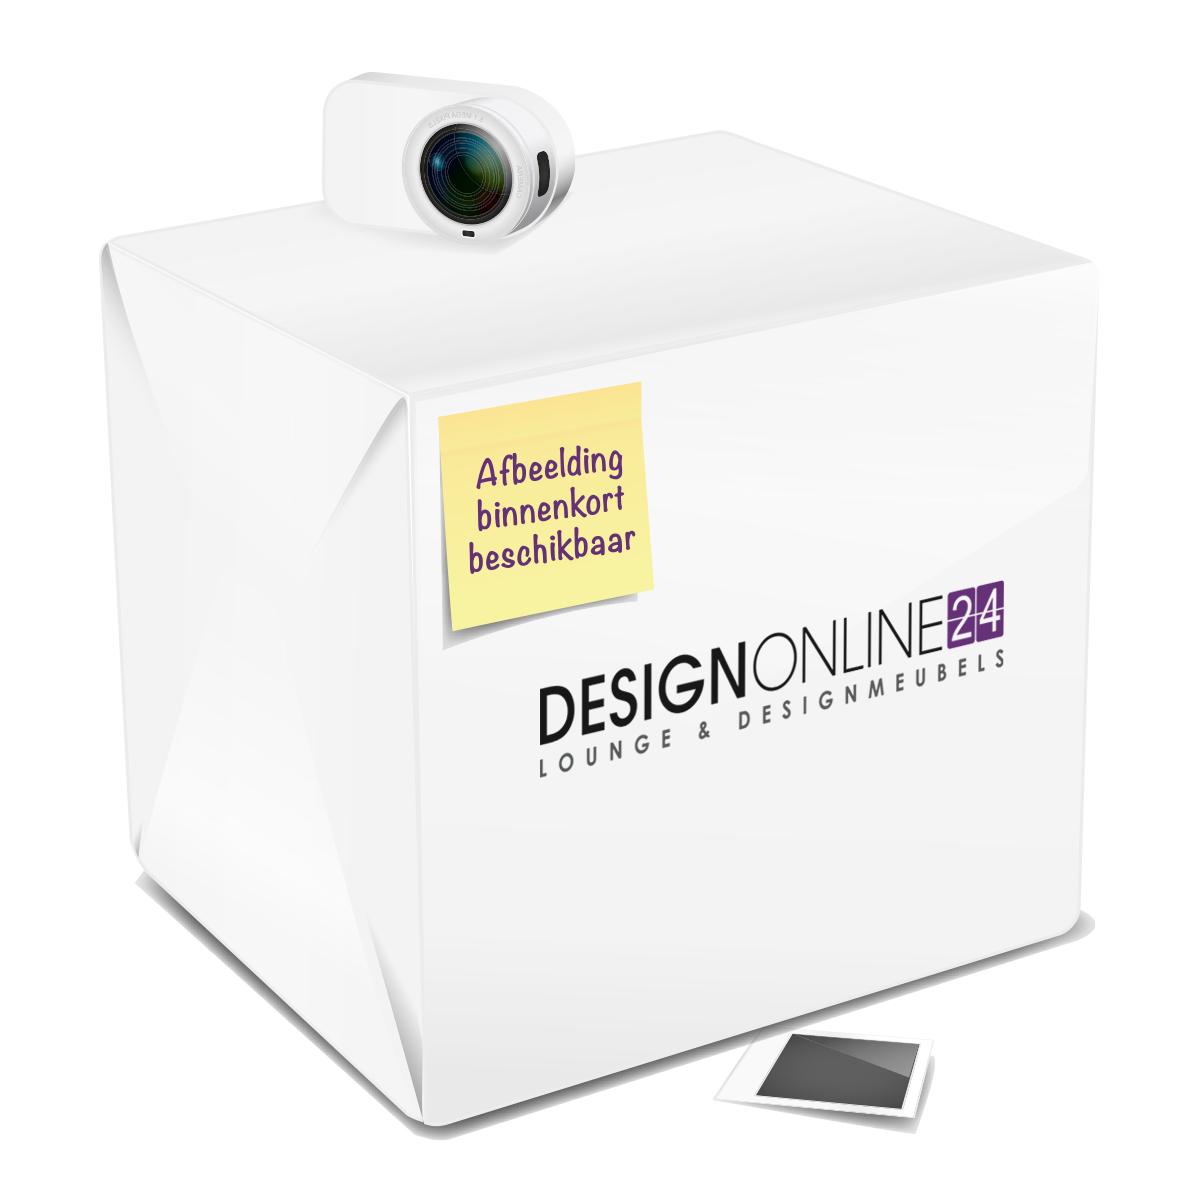 24Designs Ligbed 1 persoons - Sandy - Verstelbaar en Verrijdbaar - Grijs Polyrattan Wicker met Grijze kussens